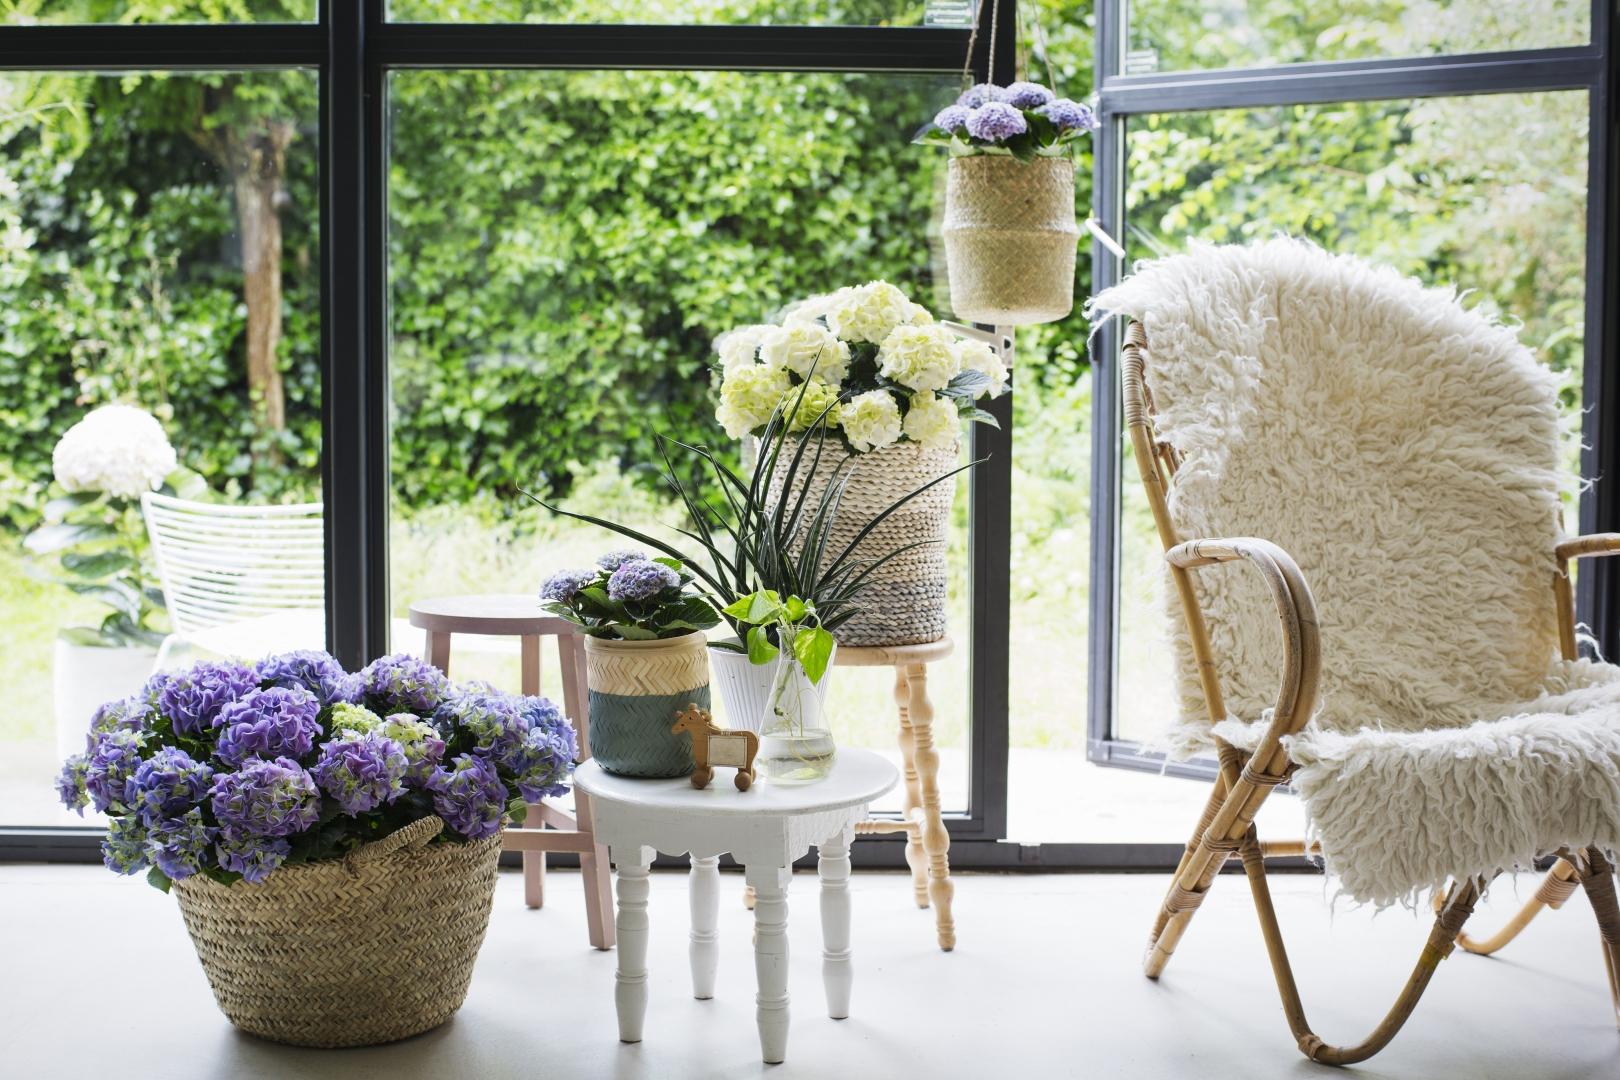 Groen wonen | Kamerhortensia in groen trend 'Equalise' - Woonblog StijlvolStyling.com